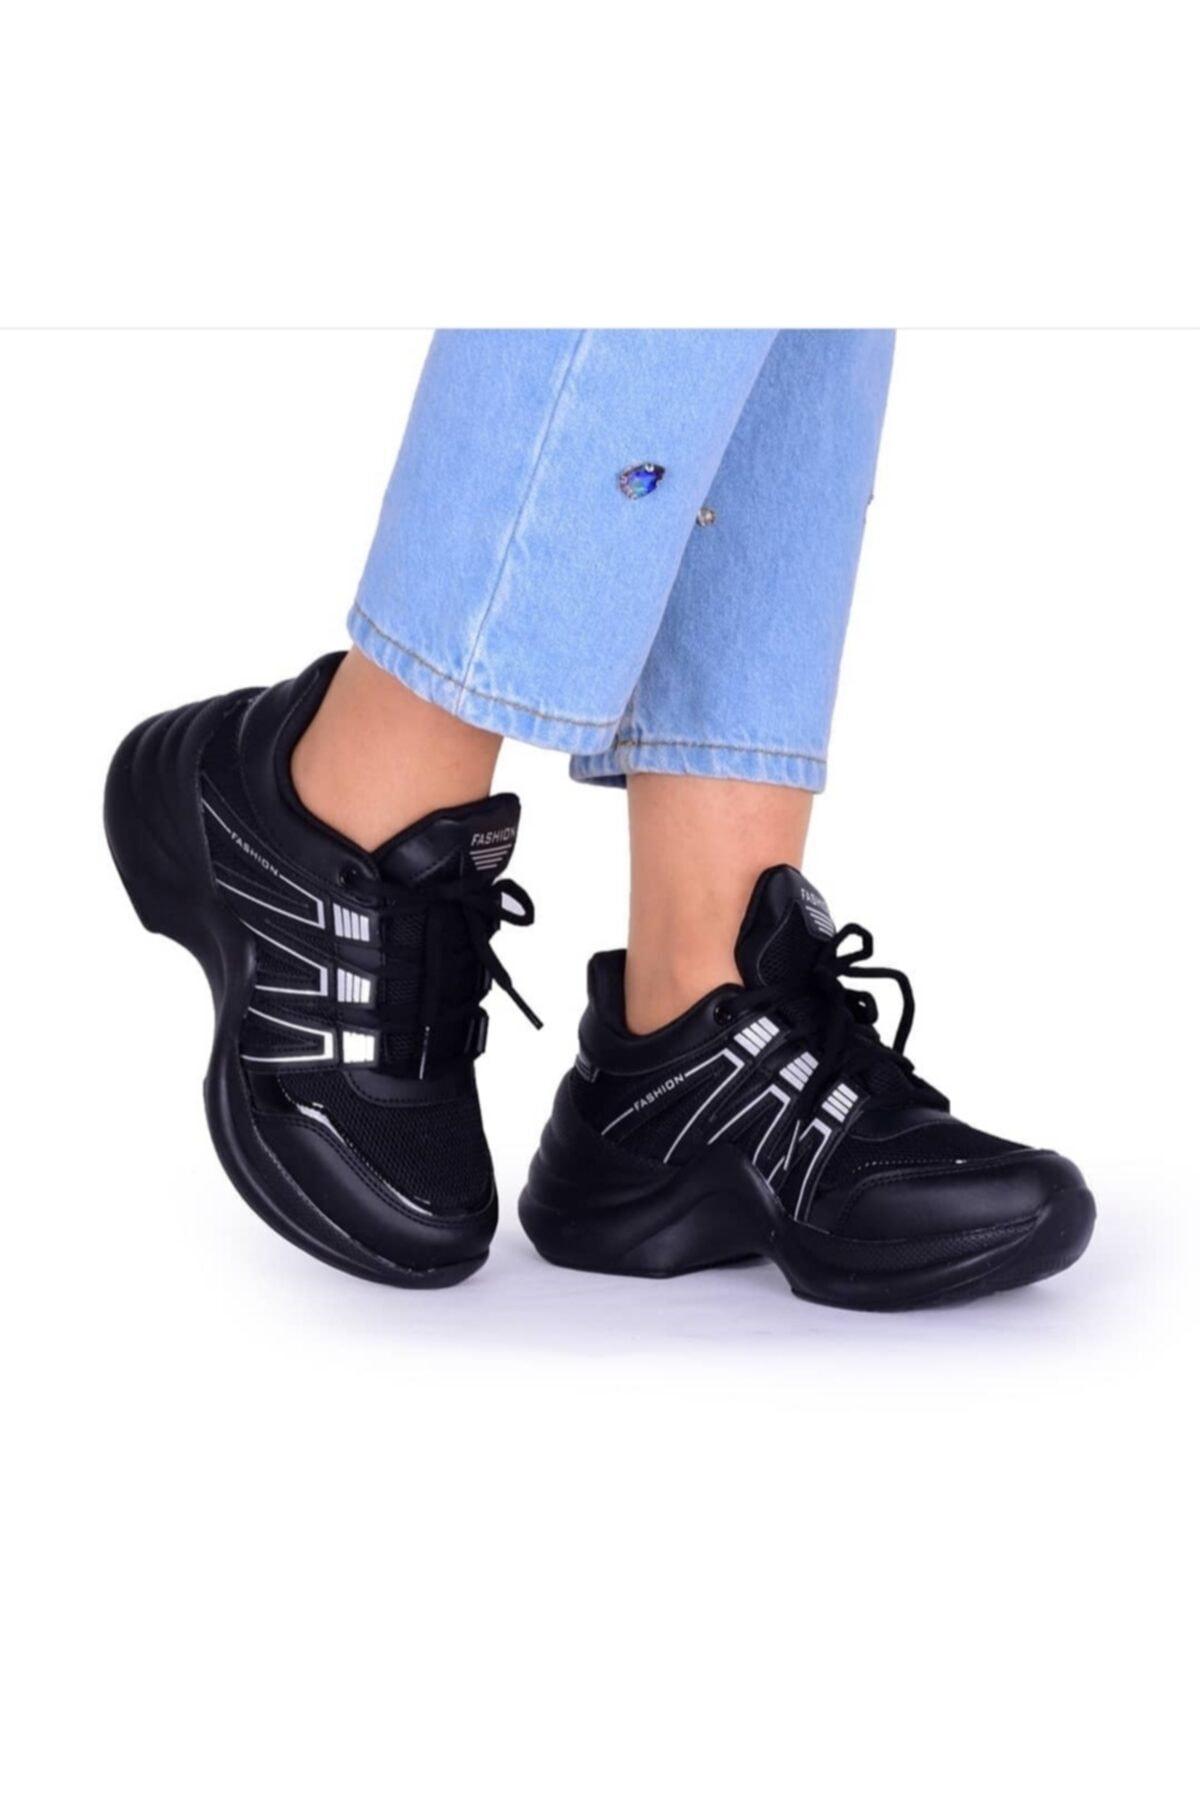 Twingo Orijinal Kalın Taban Kadın Günlük Spor Ayakkabı 1